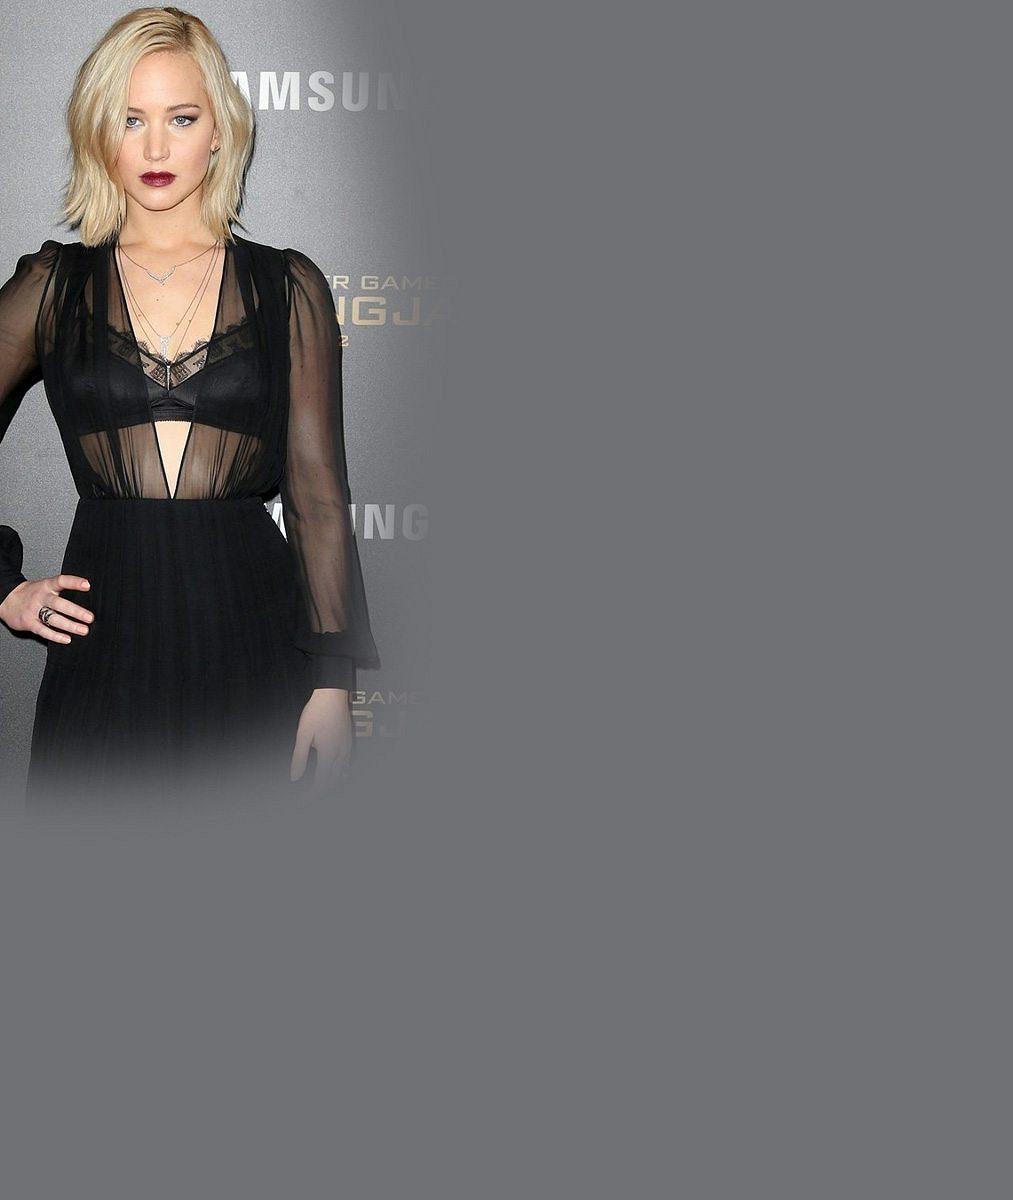 Jennifer Lawrence na premiéře nezklamala: Hodila do sebe panáka avprůsvitných šatech ukázala podprsenku